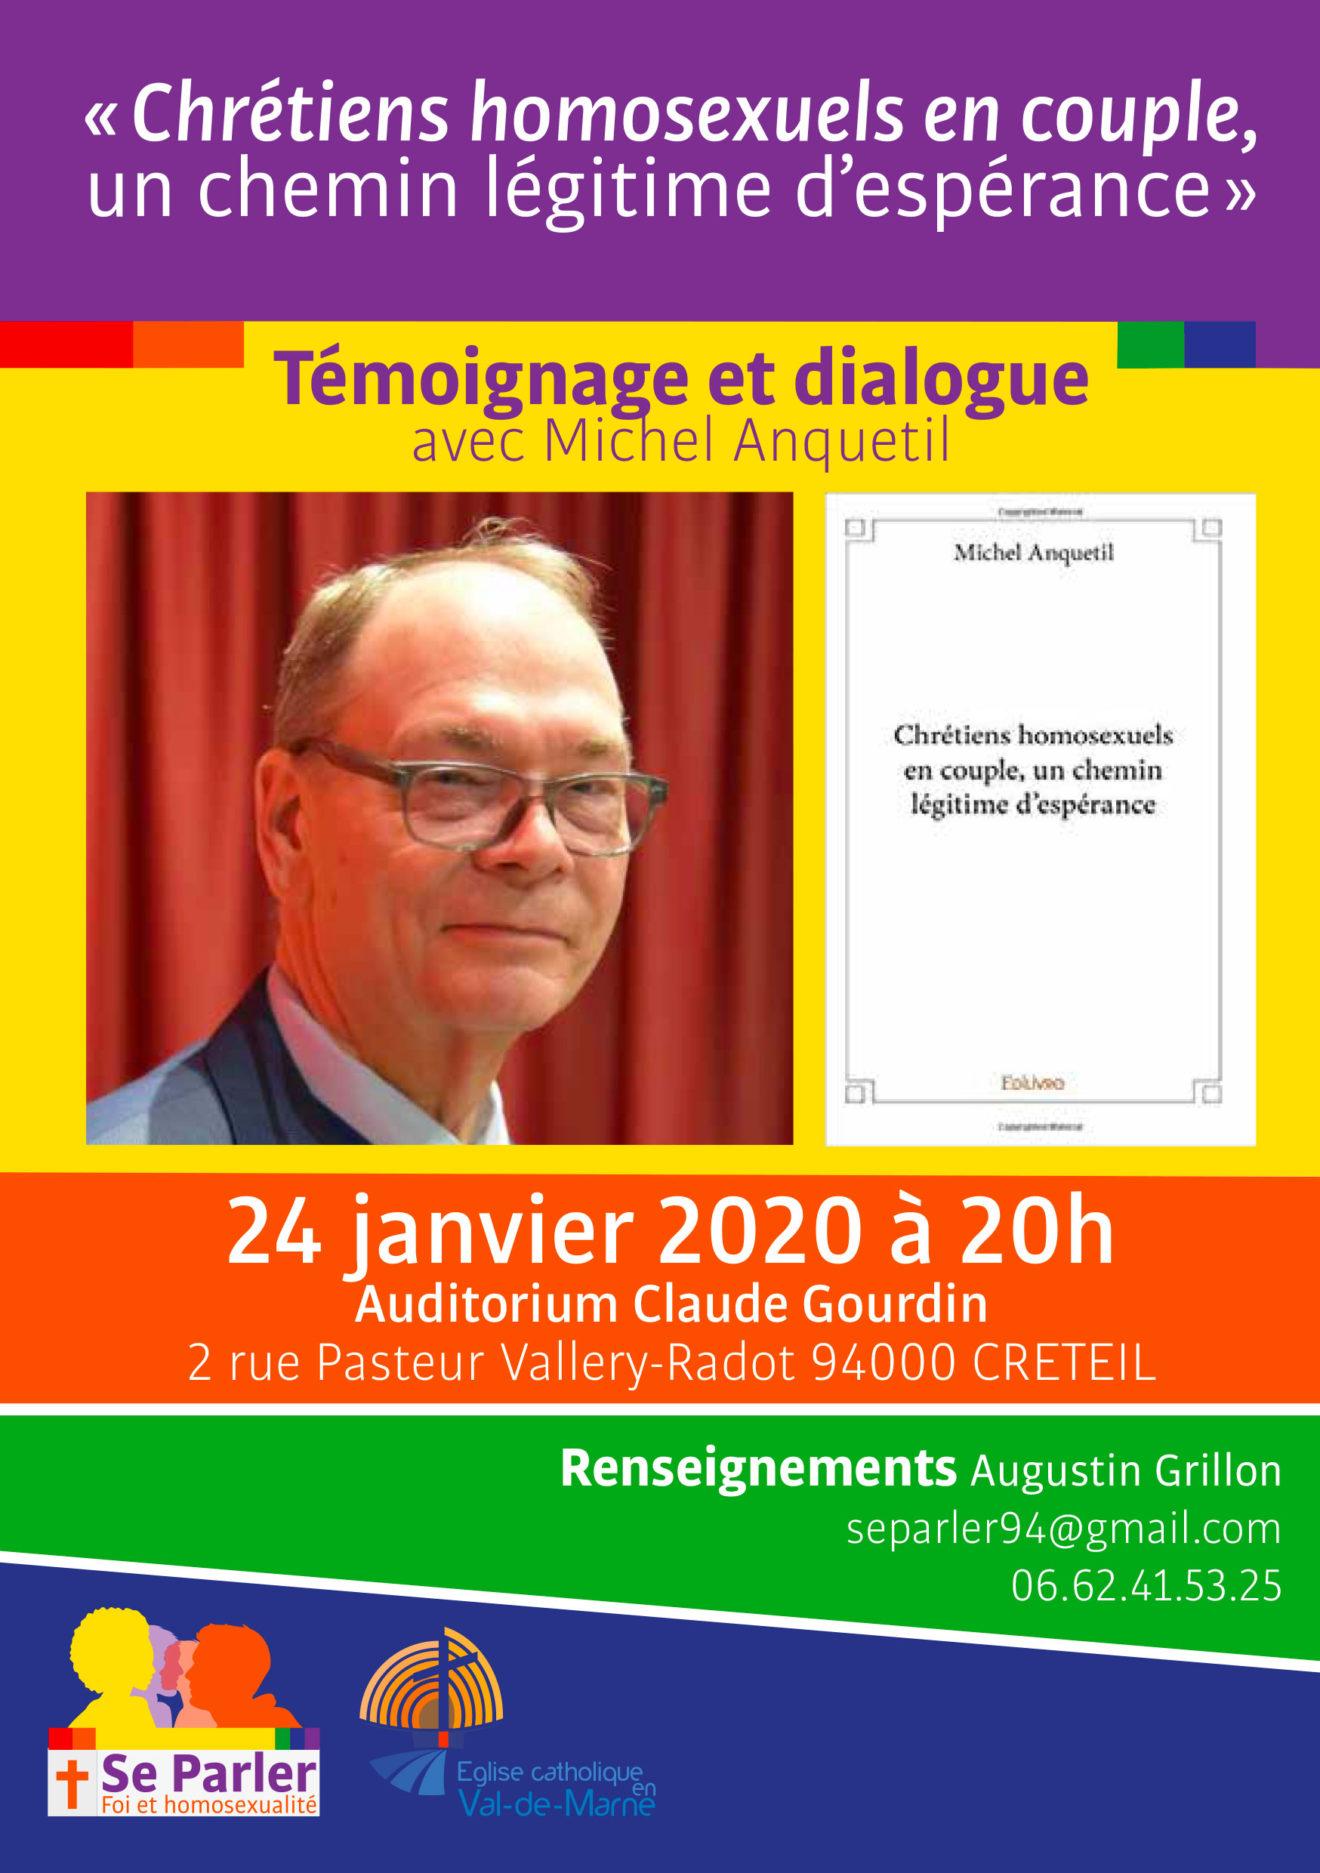 """Rencontre avec Michel Anquetil. """"Chrétiens homosexuels en couple, un chemin légitime d'espérance"""""""